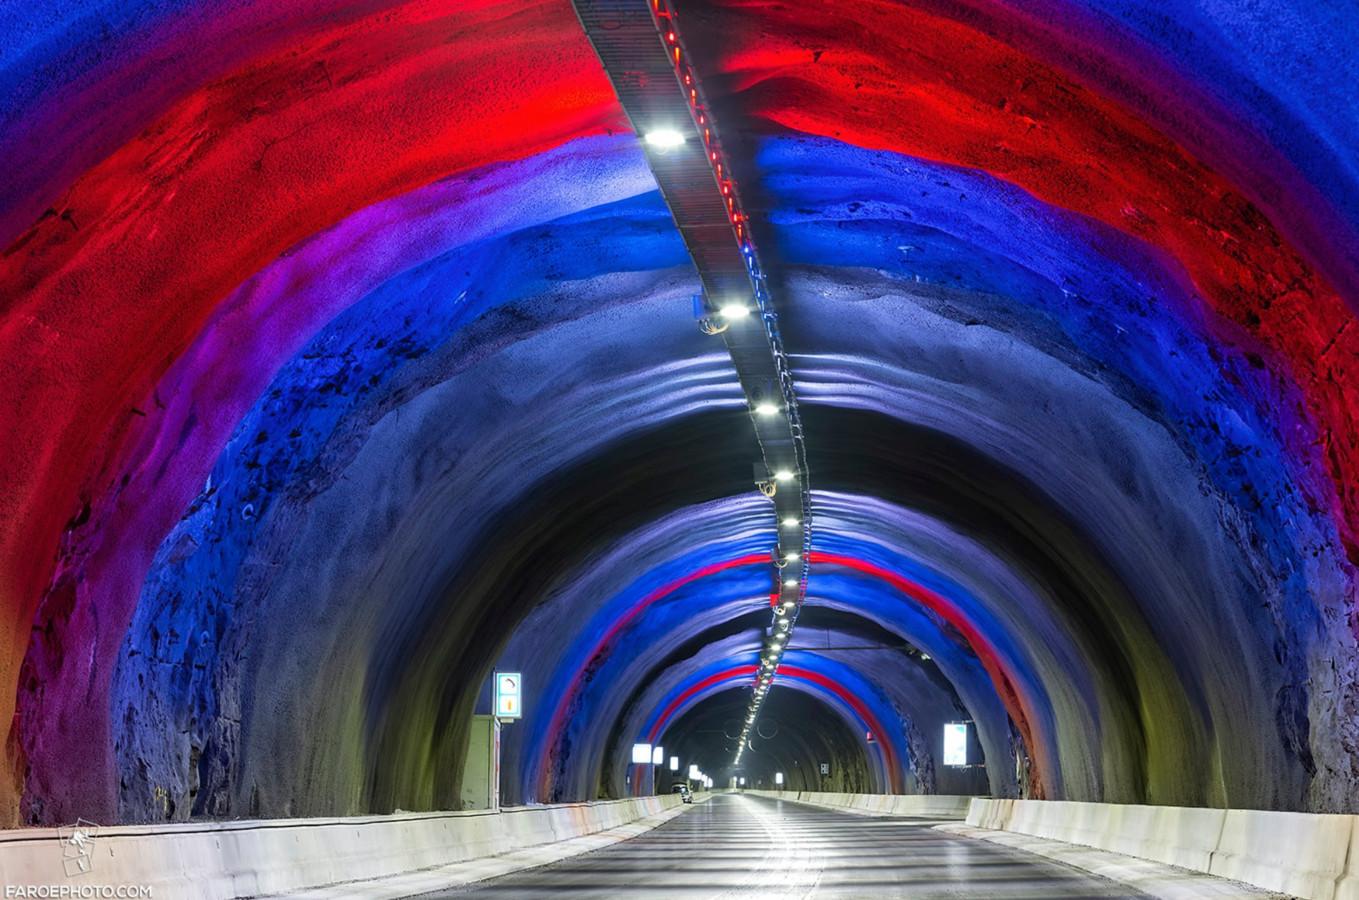 Faeröer eilanden openen indrukwekkende onderzeese tunnel van 11 kilometer lang.